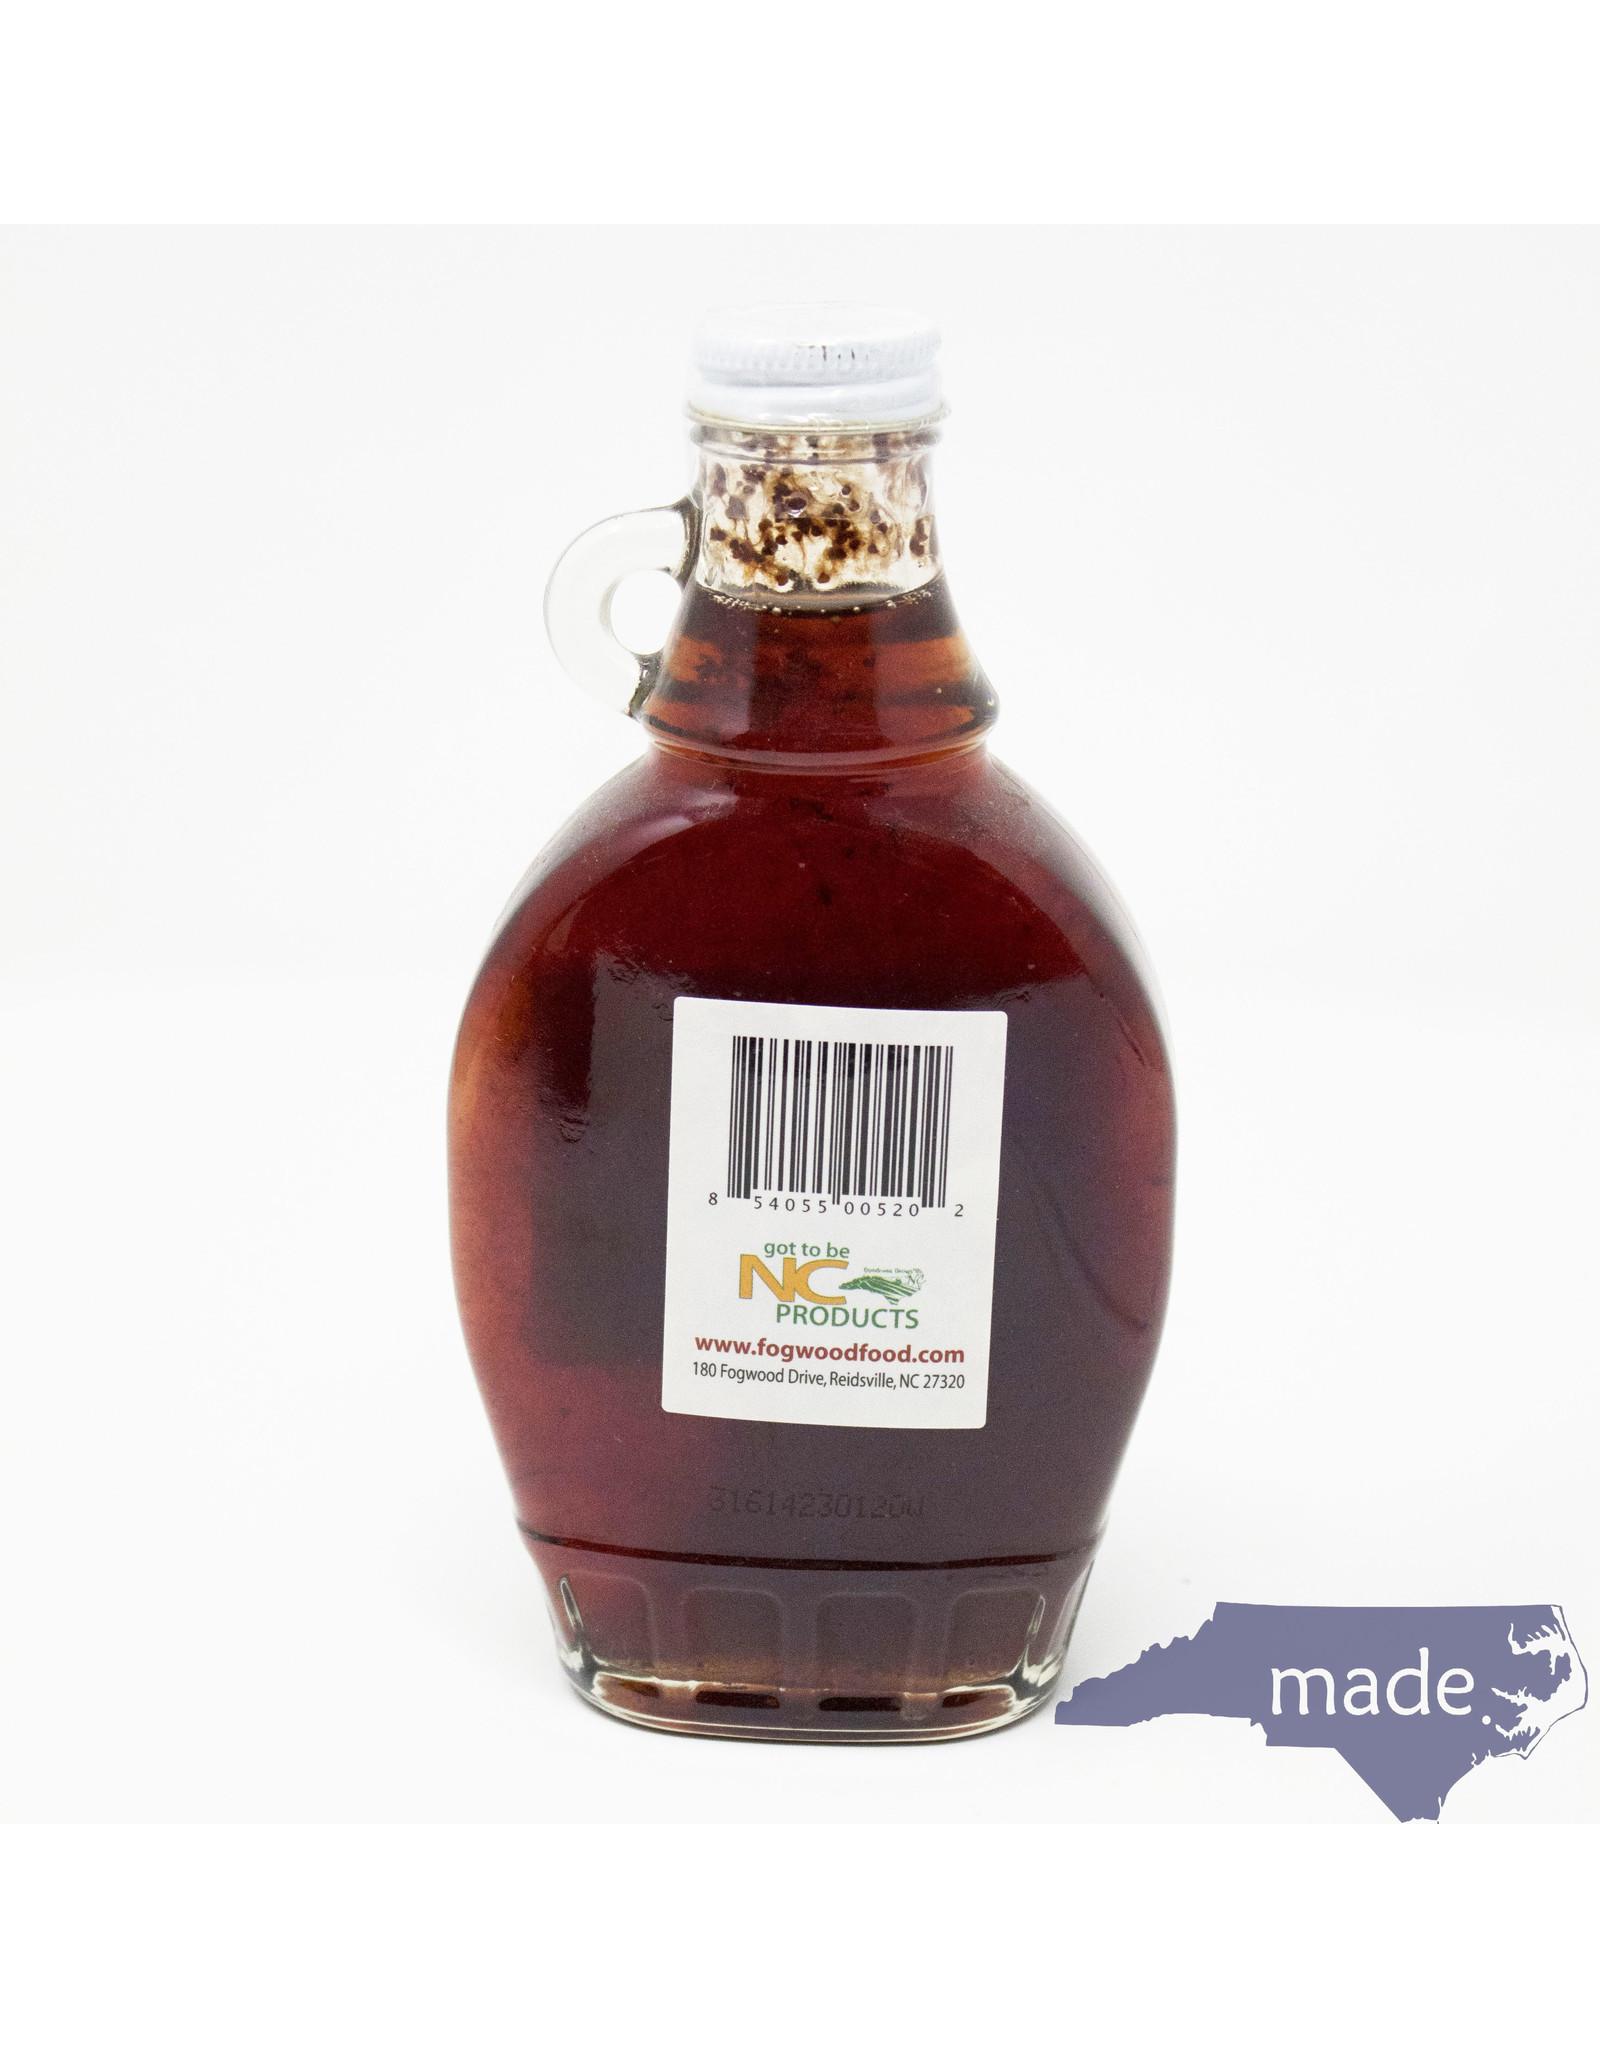 Fogwood Food Strawberry Syrup 8 oz. Jar - Fogwood Food